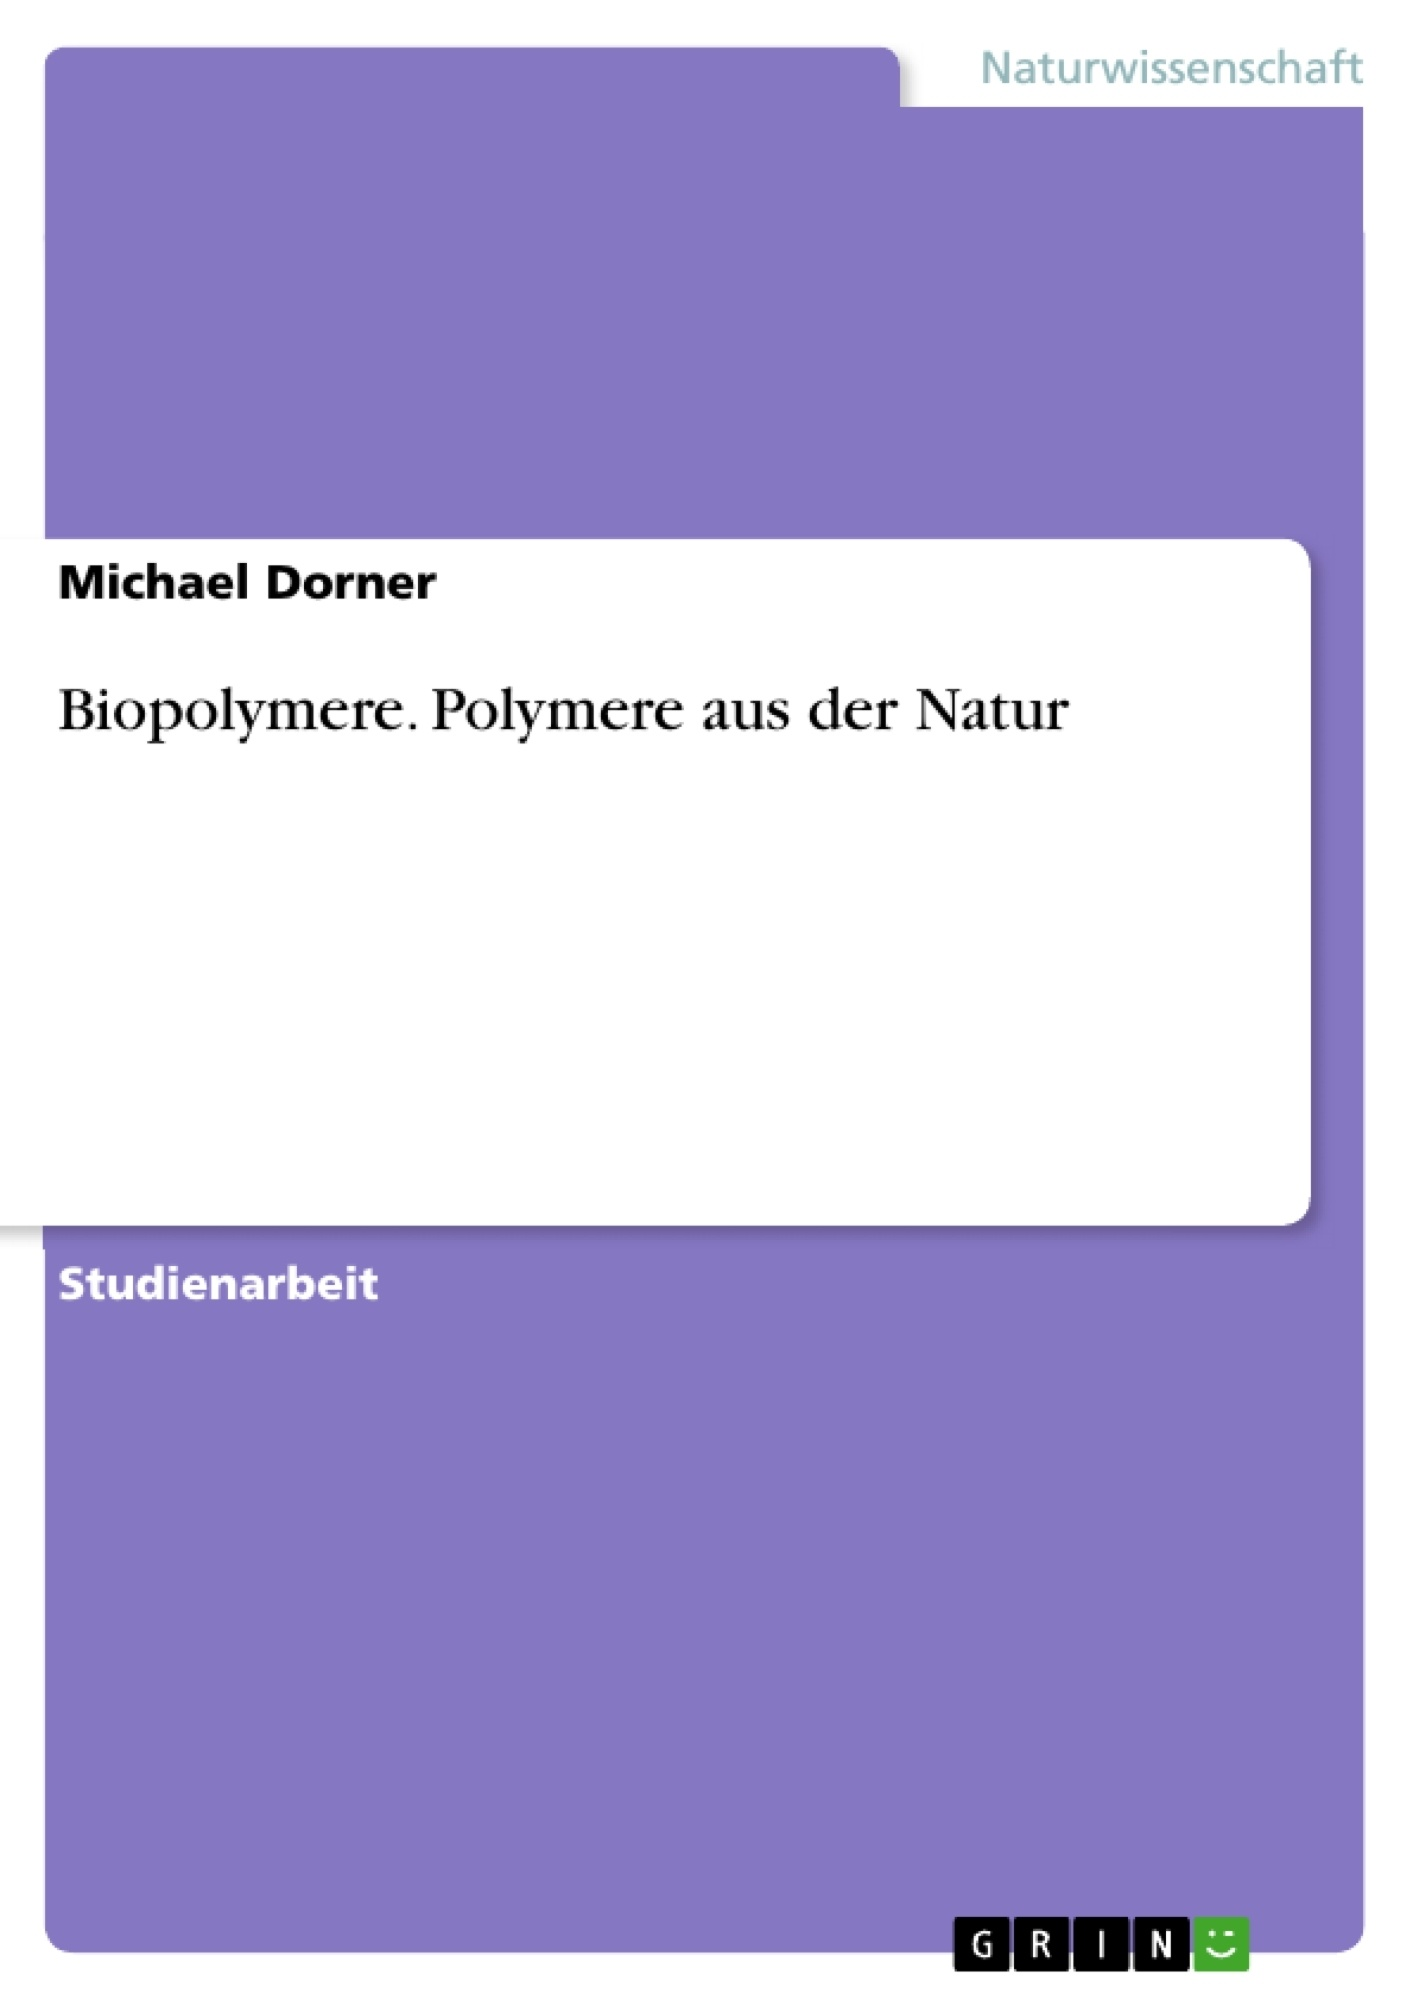 Titel: Biopolymere. Polymere aus der Natur